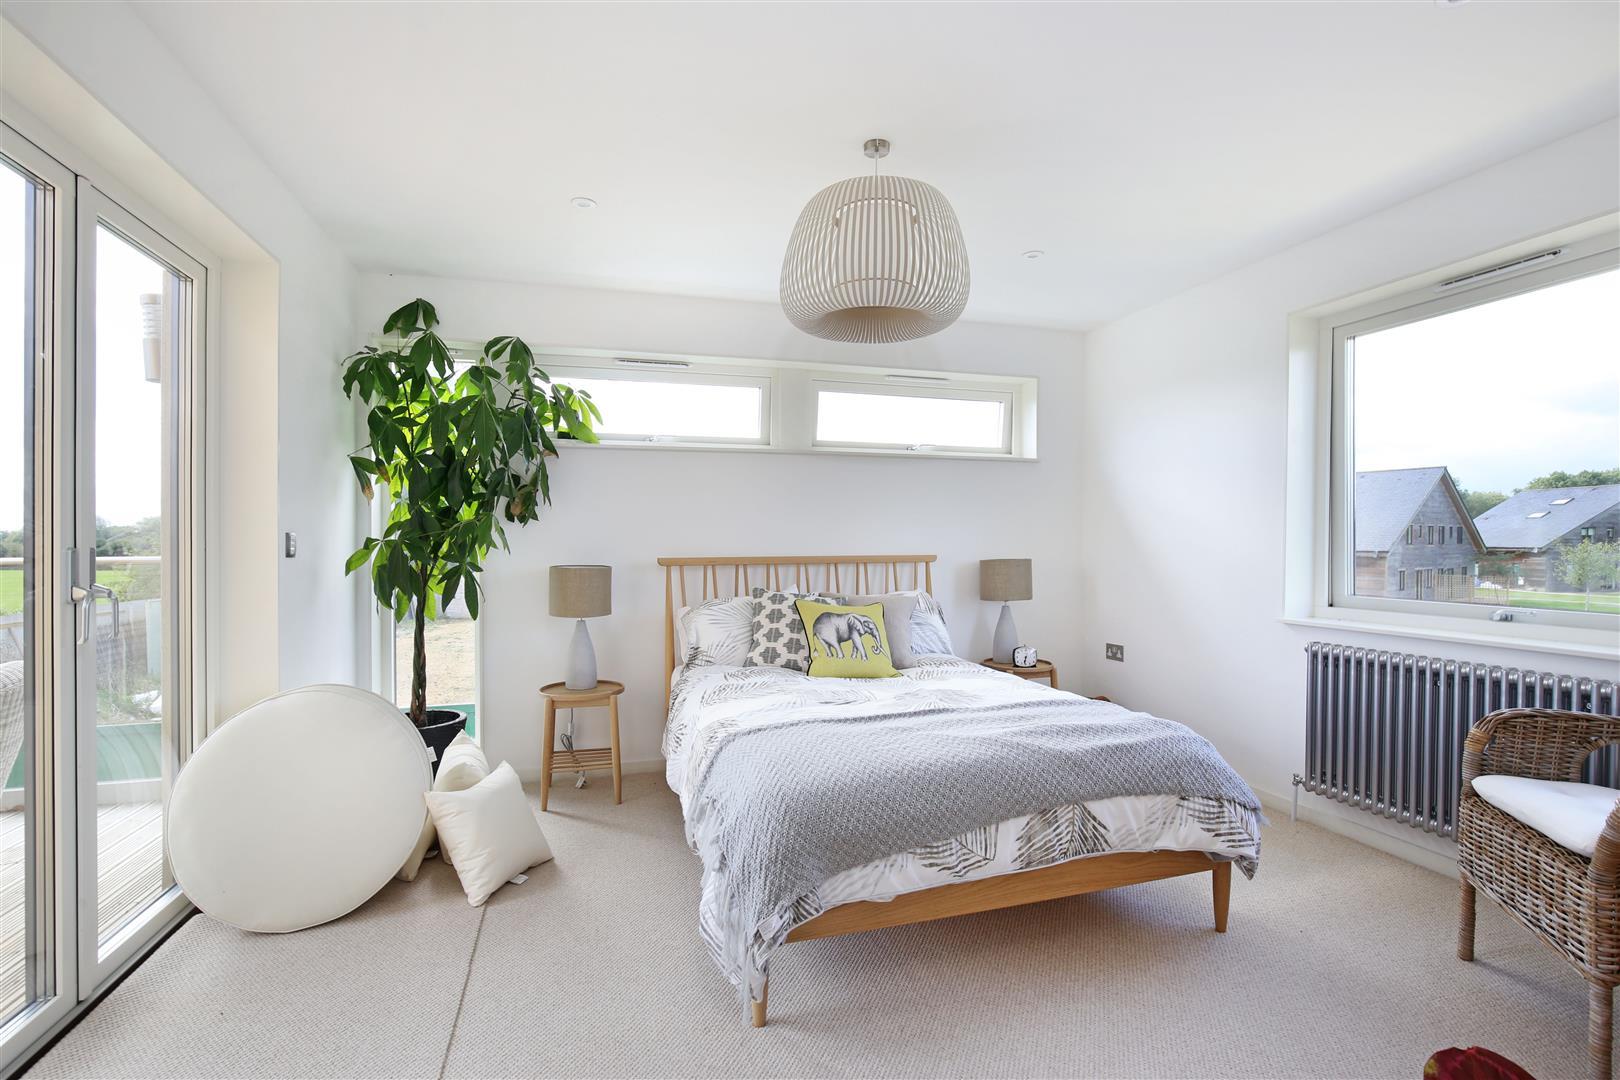 Trivselhus,Master Bedroom